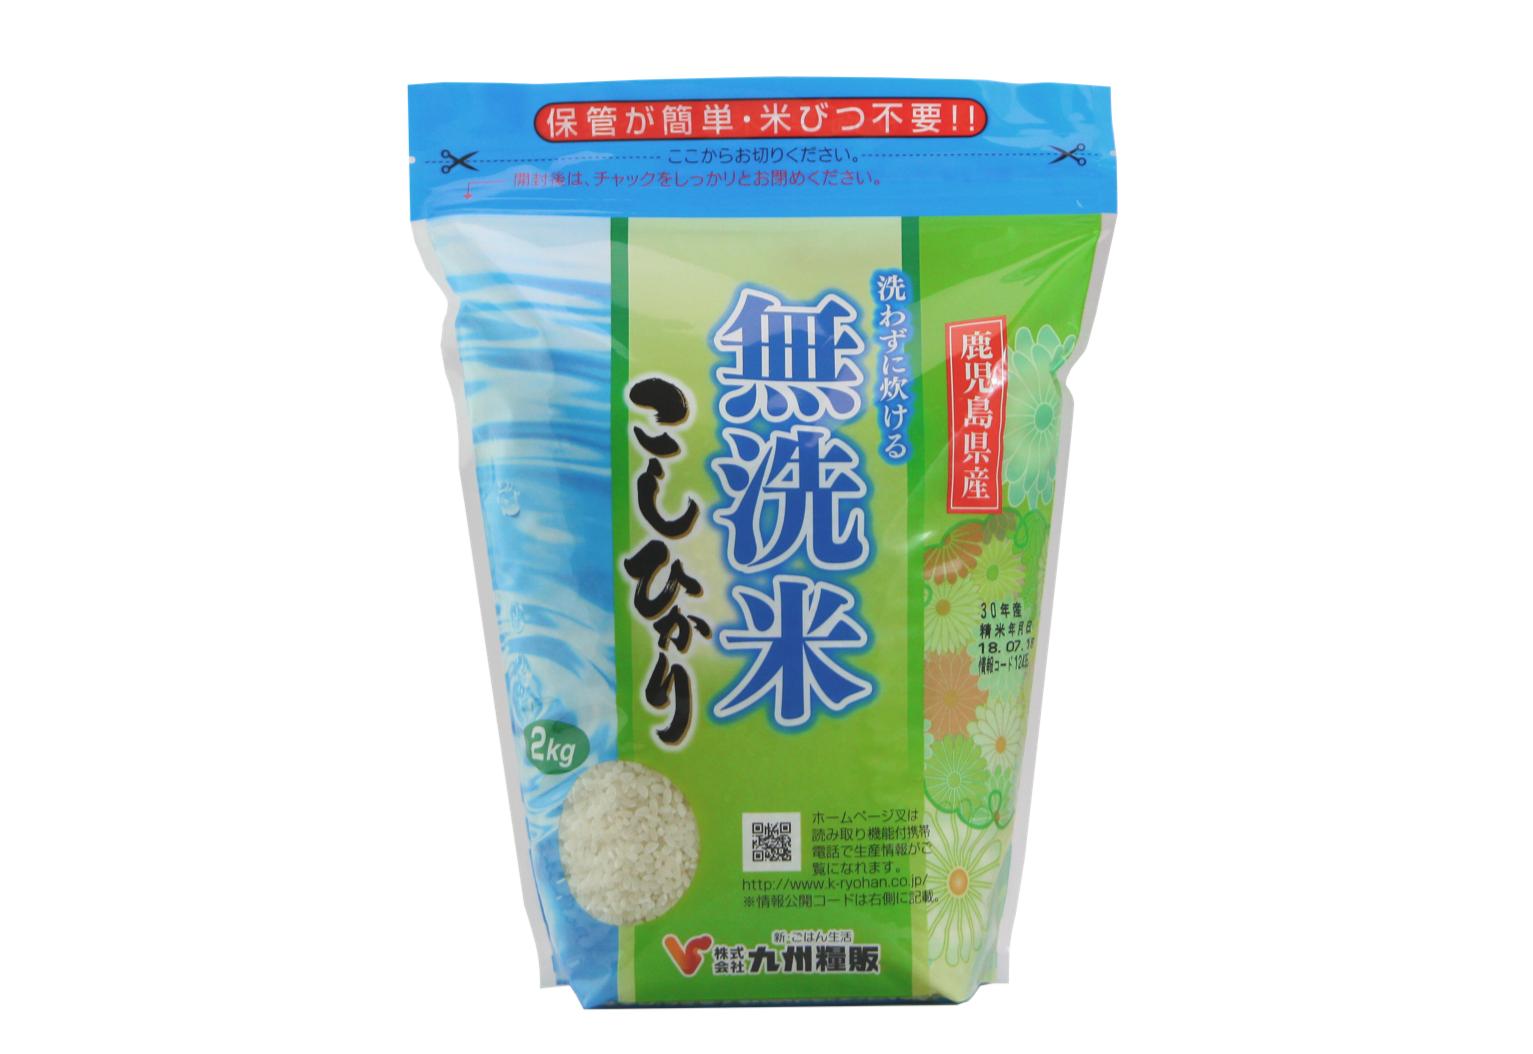 無洗米・鹿児島こしひかり2kgスタンドパック(鹿児島こしひかり100%)